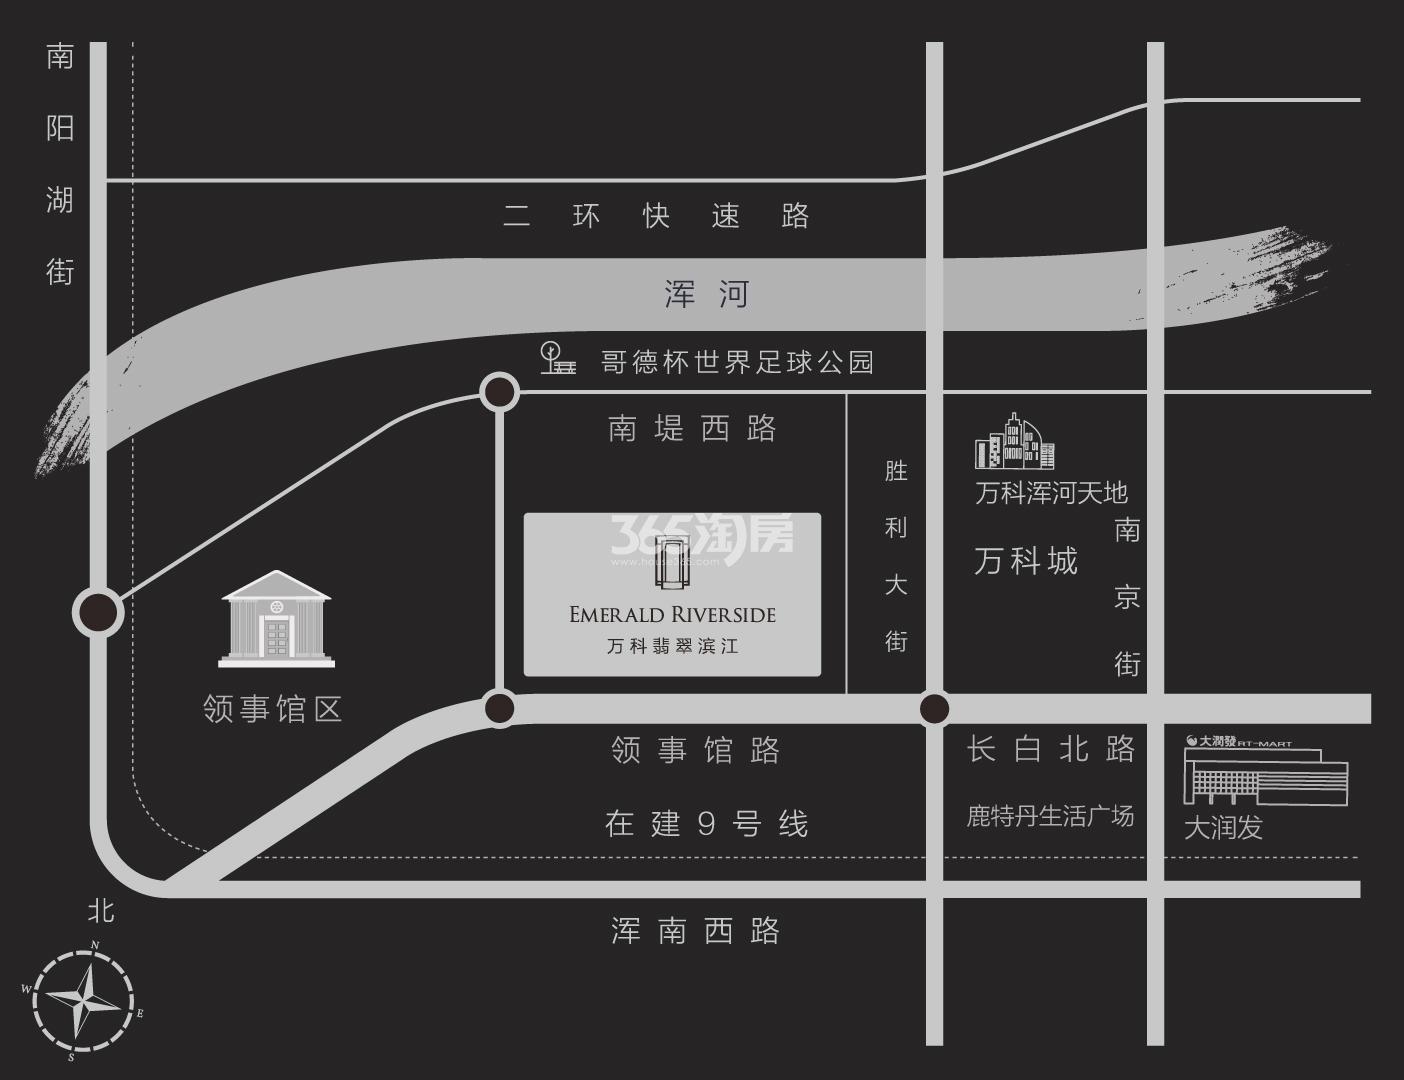 万科翡翠滨江交通图